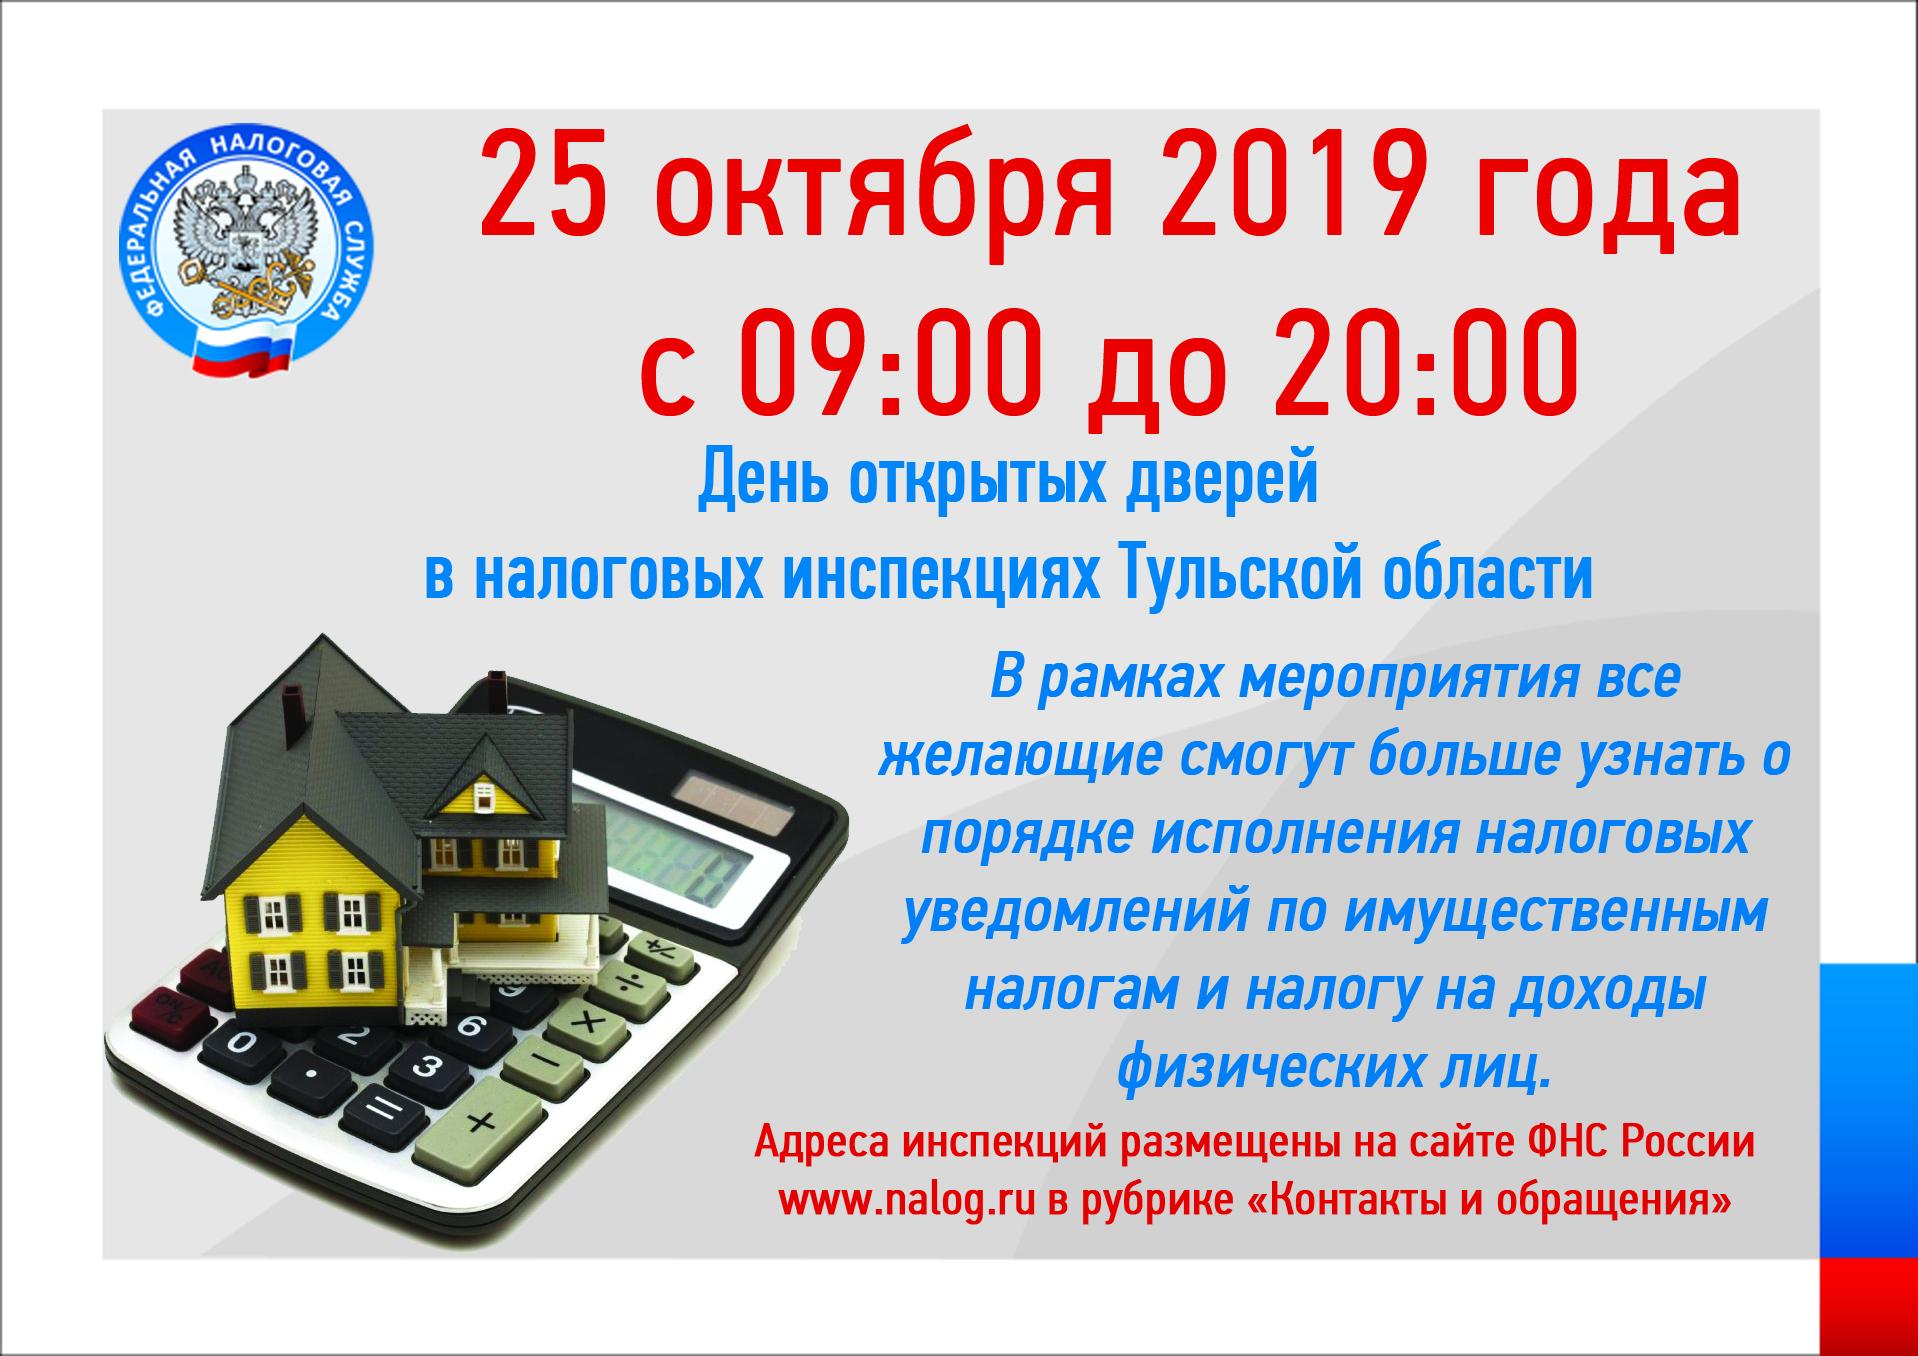 Налоговая инспекция в Новомосковске приглашает на День открытых дверей